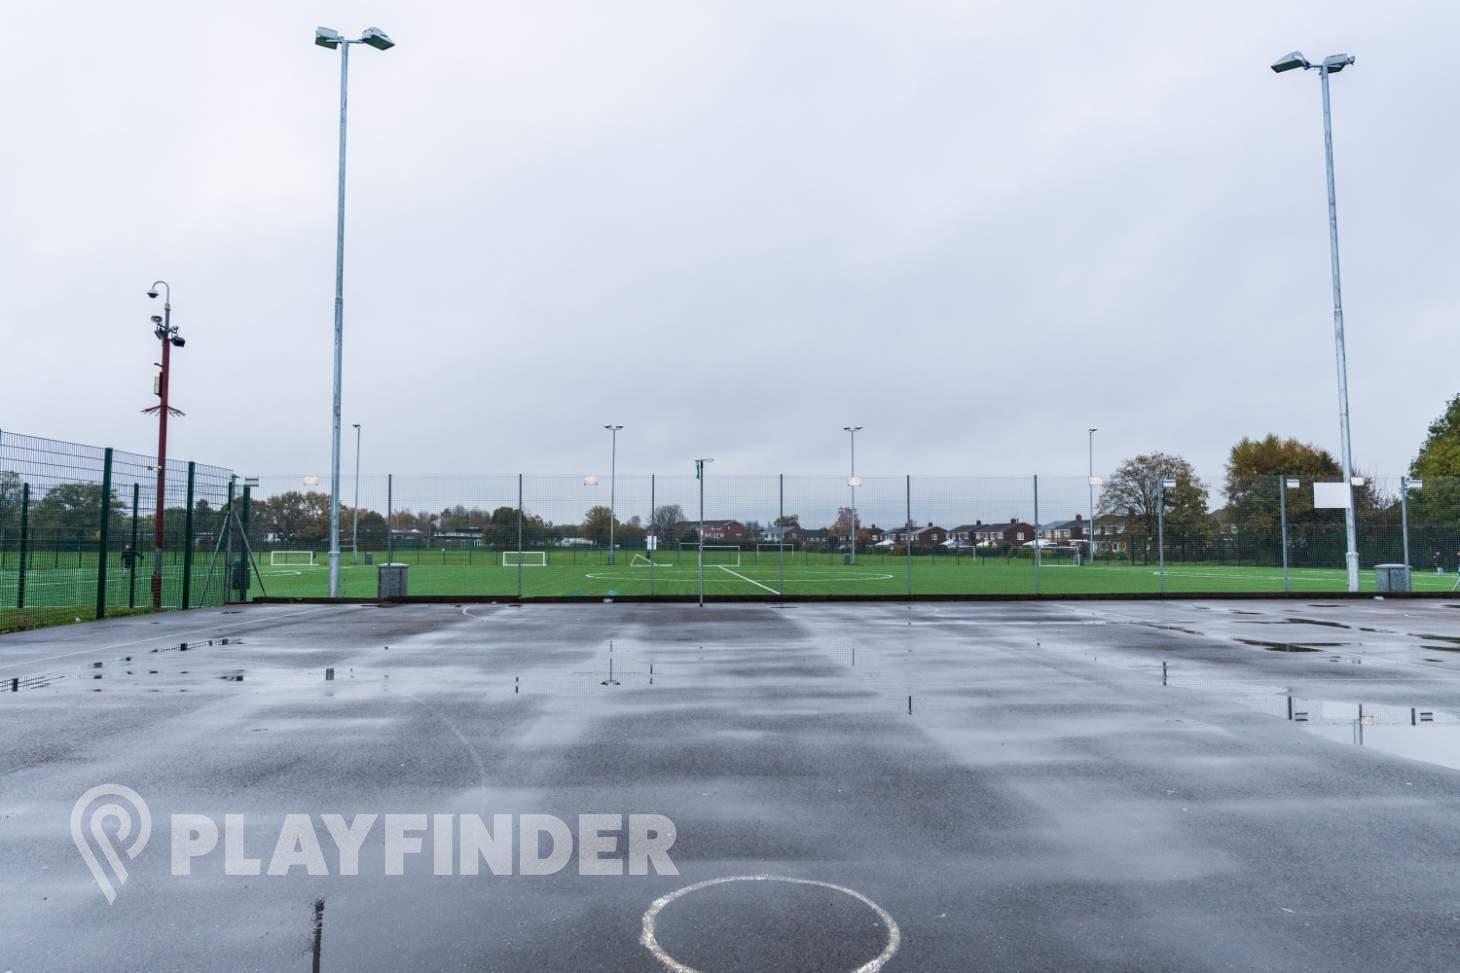 Hazel Grove Sports Centre Outdoor | Hard (macadam) basketball court